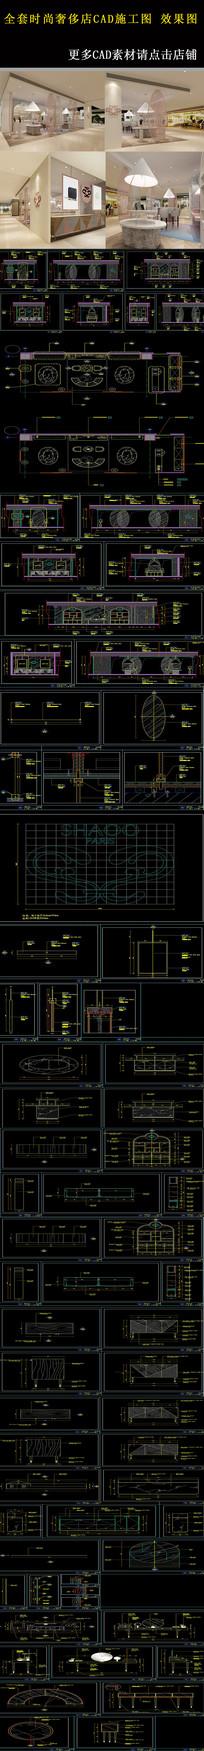 全套时尚奢侈品店CAD施工图 效果图